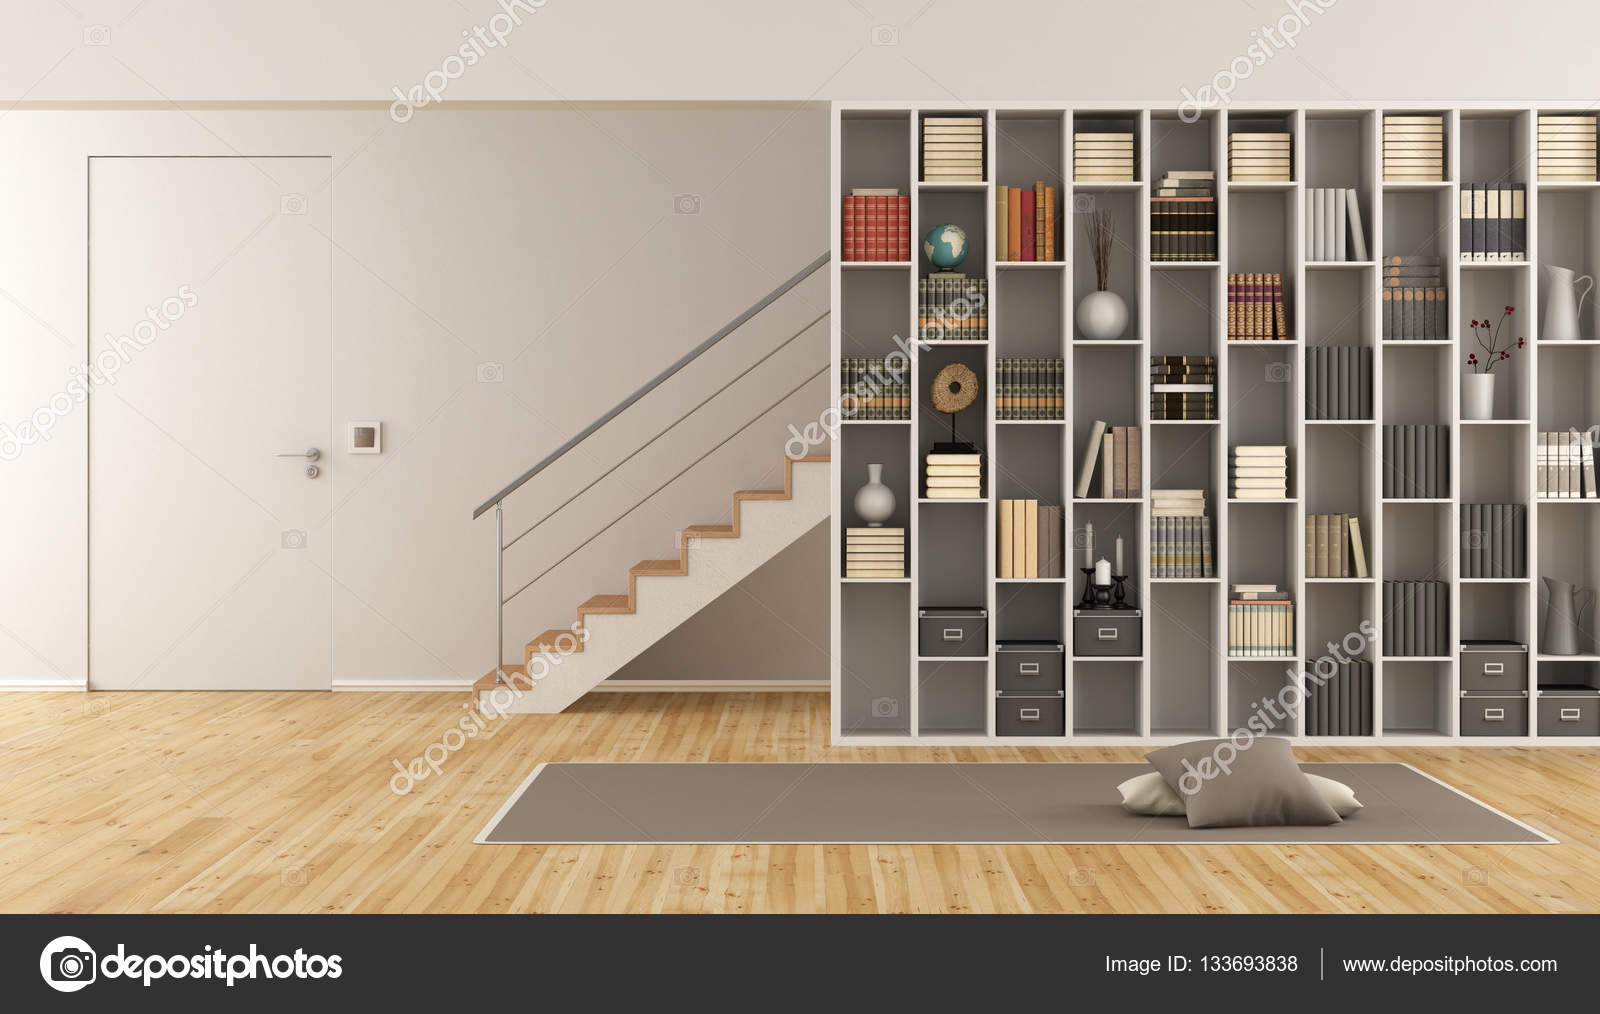 Boekenkast In Woonkamer : Woonkamer met kleurrijke bank en boekenkast stock illustratie